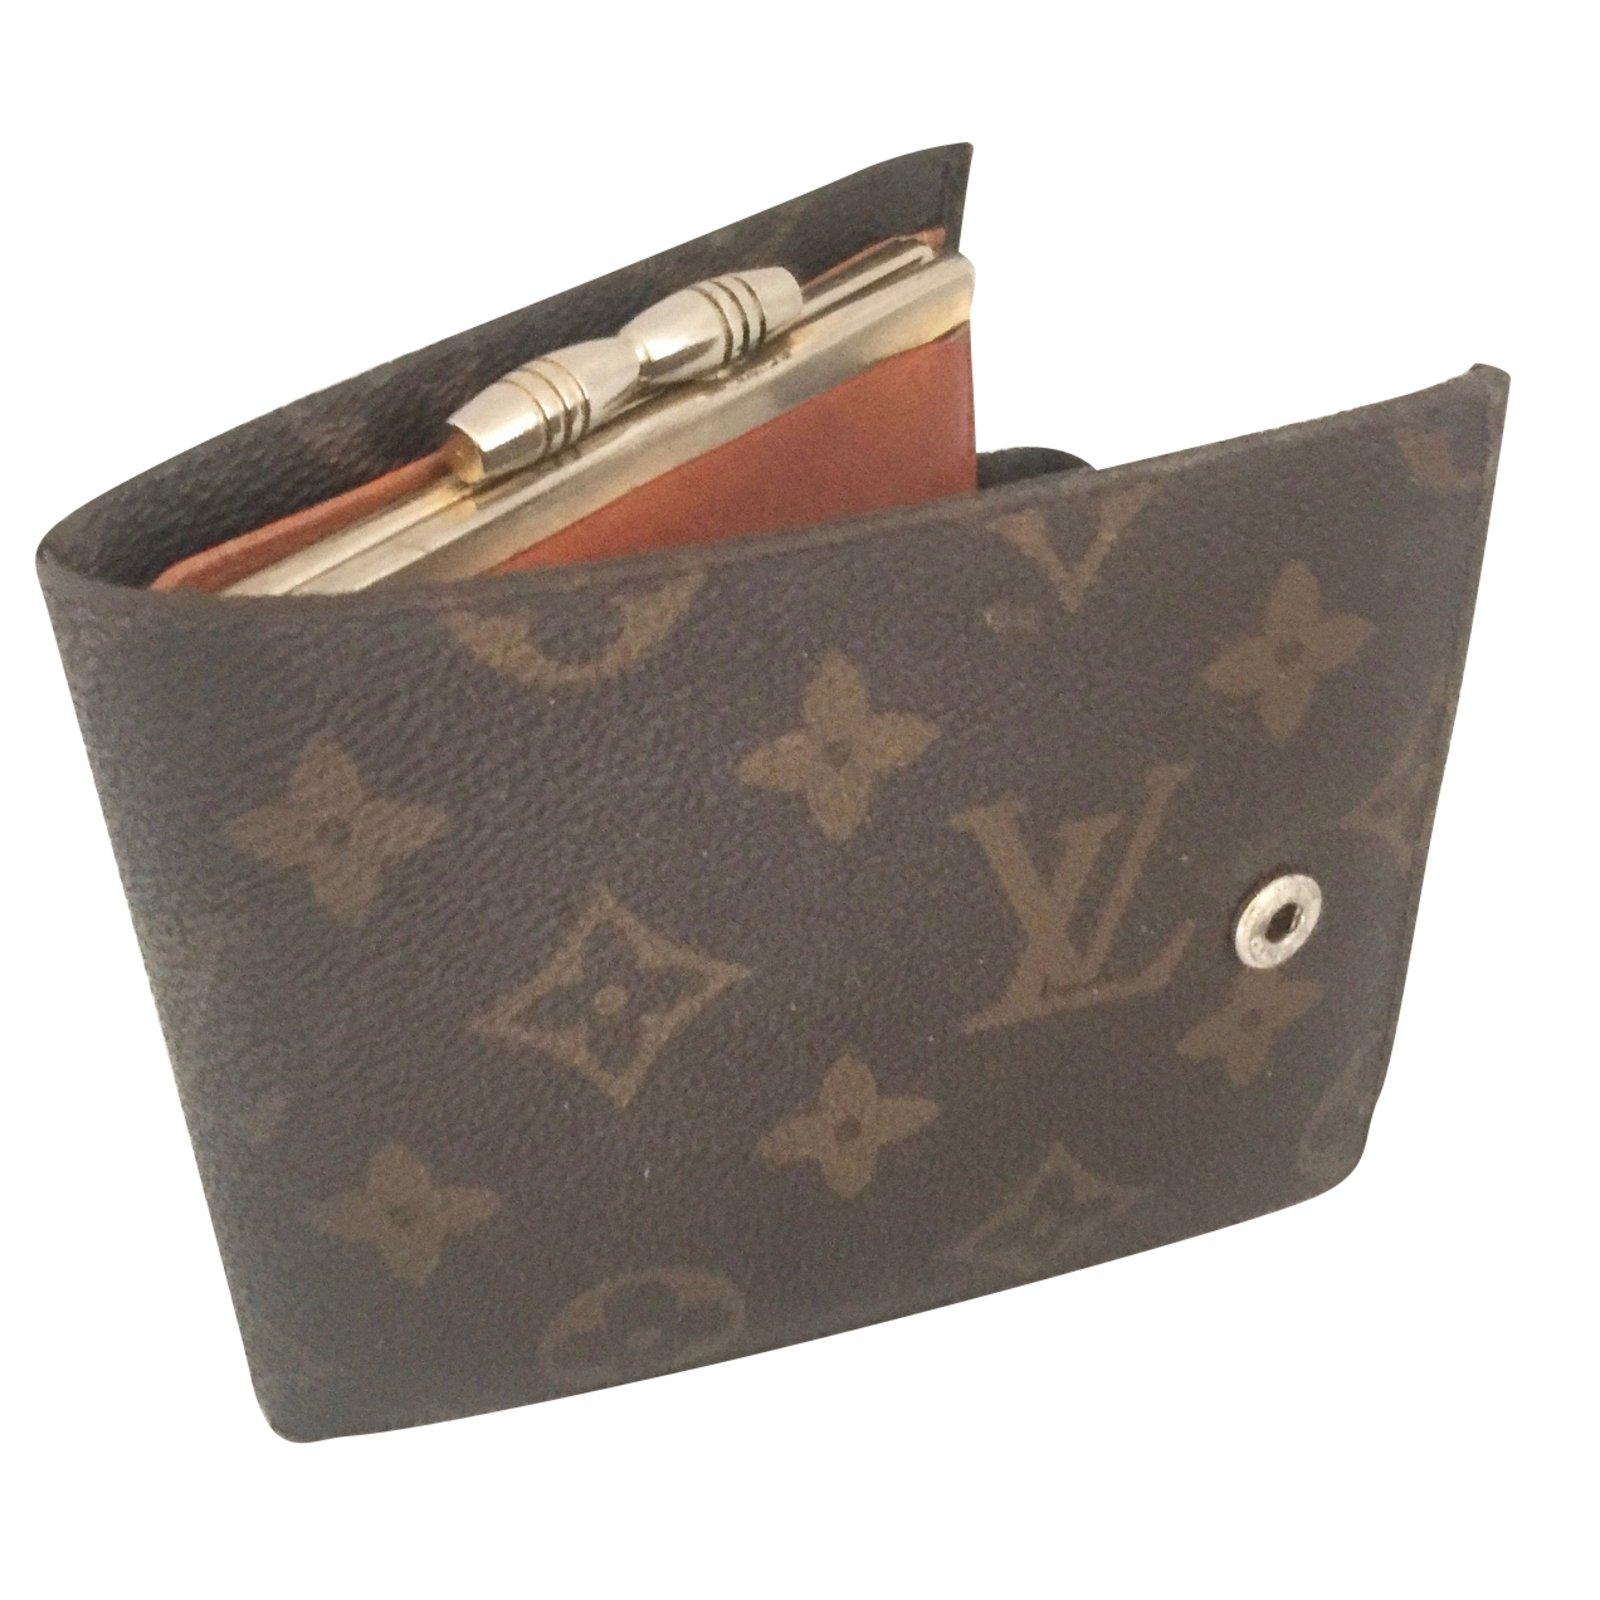 d38a72f6fbe Petite maroquinerie Louis Vuitton Porte monnaie Synthétique Marron foncé  ref.51250